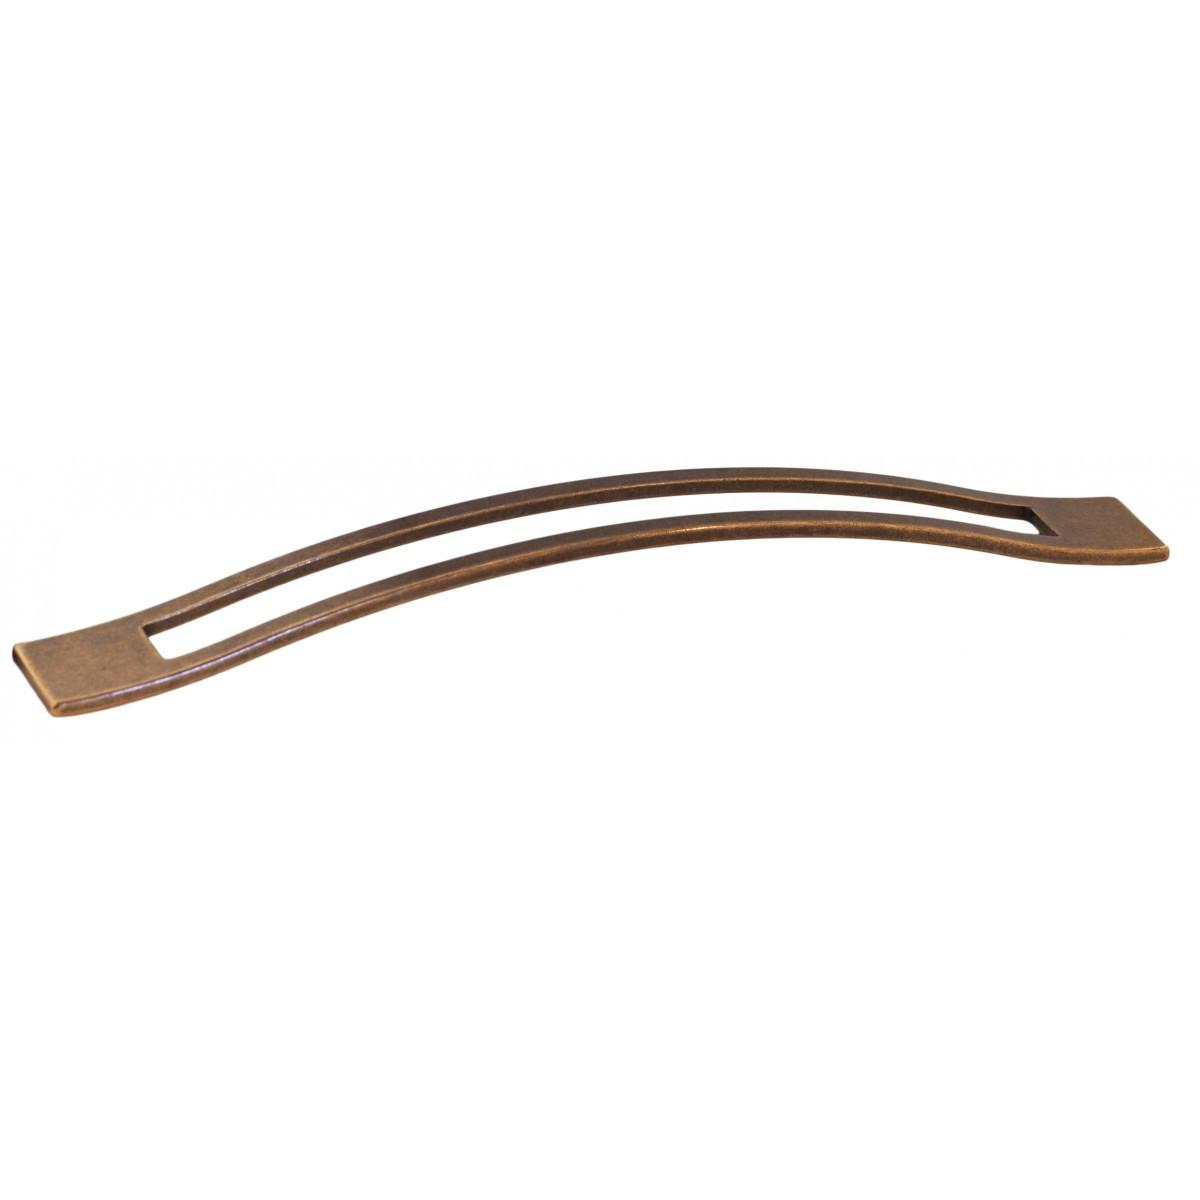 Ручка мебельная Ozkardesler PALMIRA 5515-09 224мм Медь